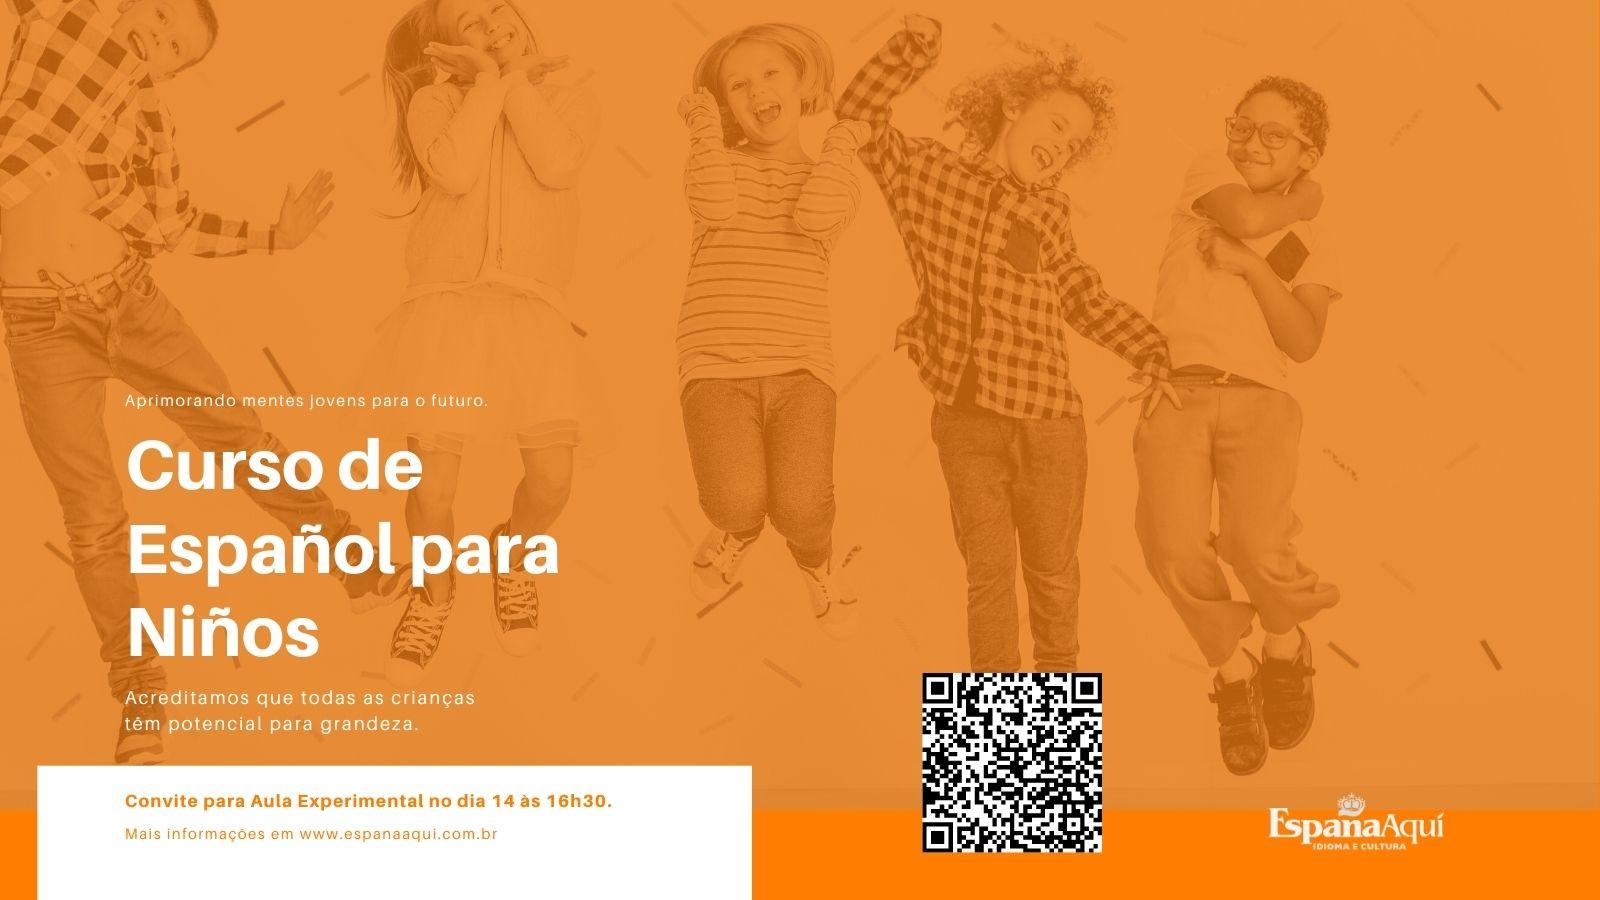 http://www.espanaaqui.com.br/pdf/maio2021/Curso%20de%20Espa%c3%b1ol%20para%20Ni%c3%b1os.jpg